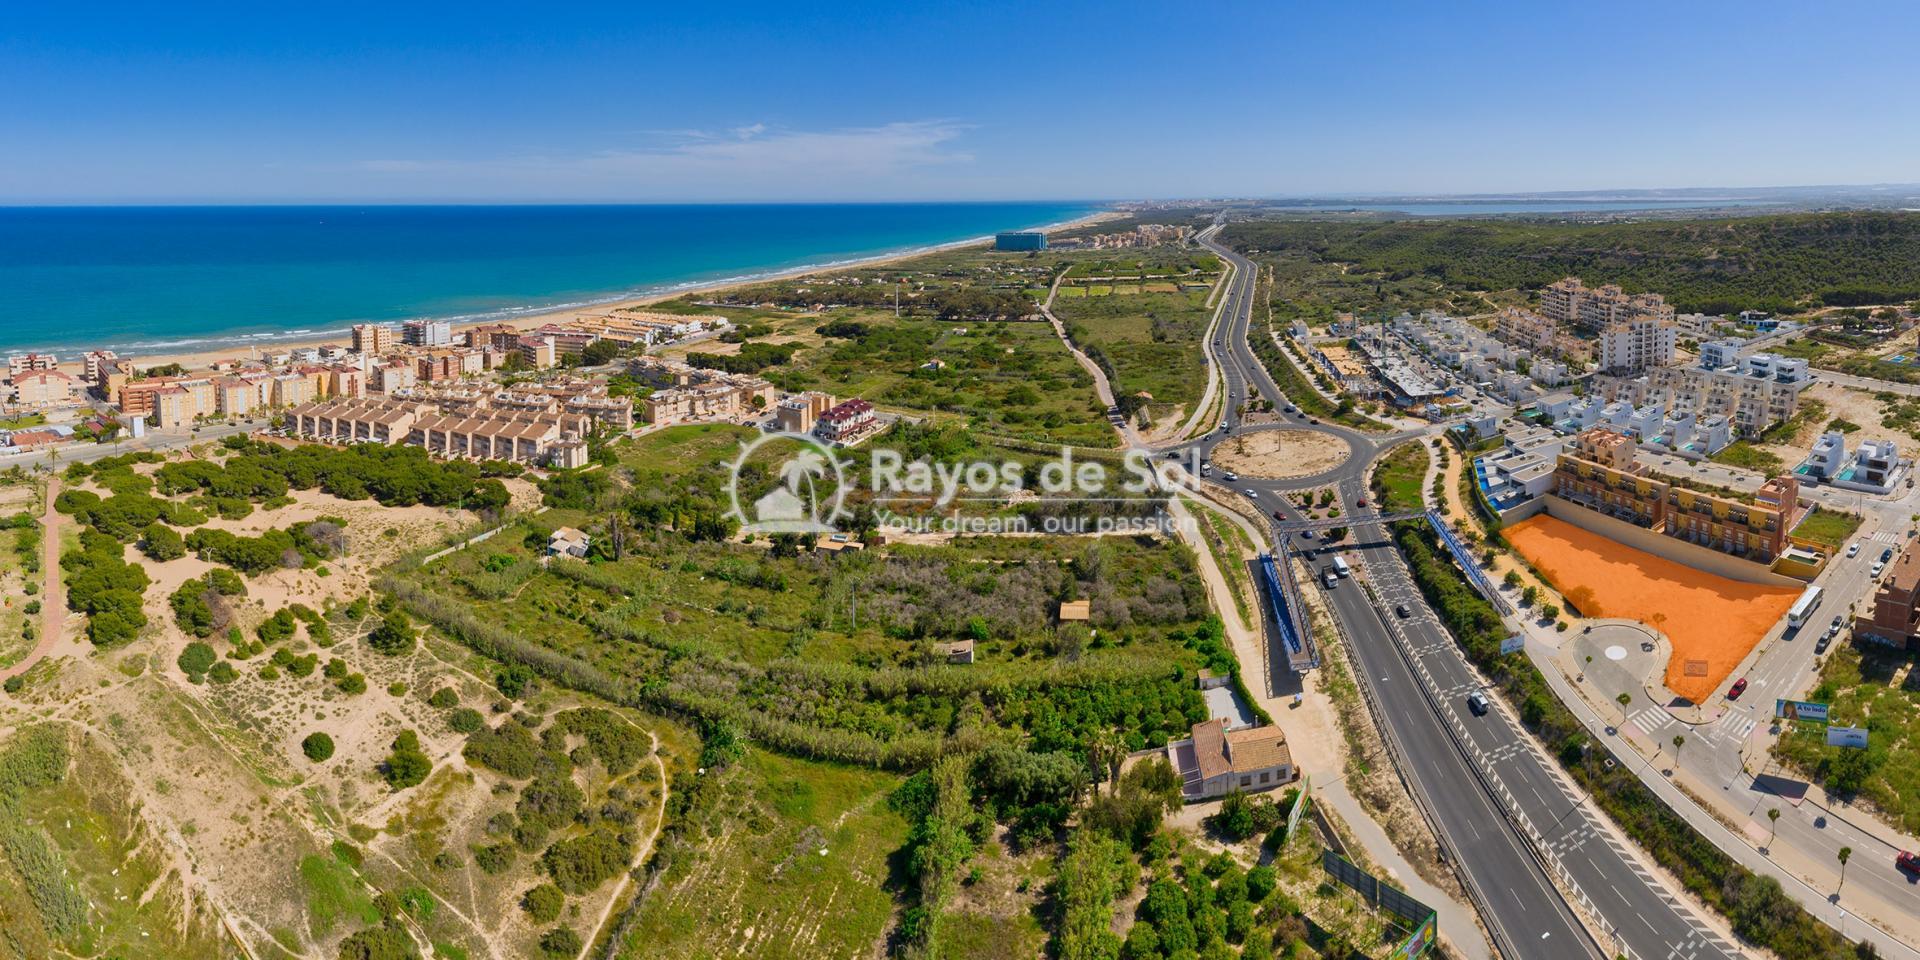 Apartment ground floor  in Guardamar del Segura, Costa Blanca (Royalp Sea app) - 13